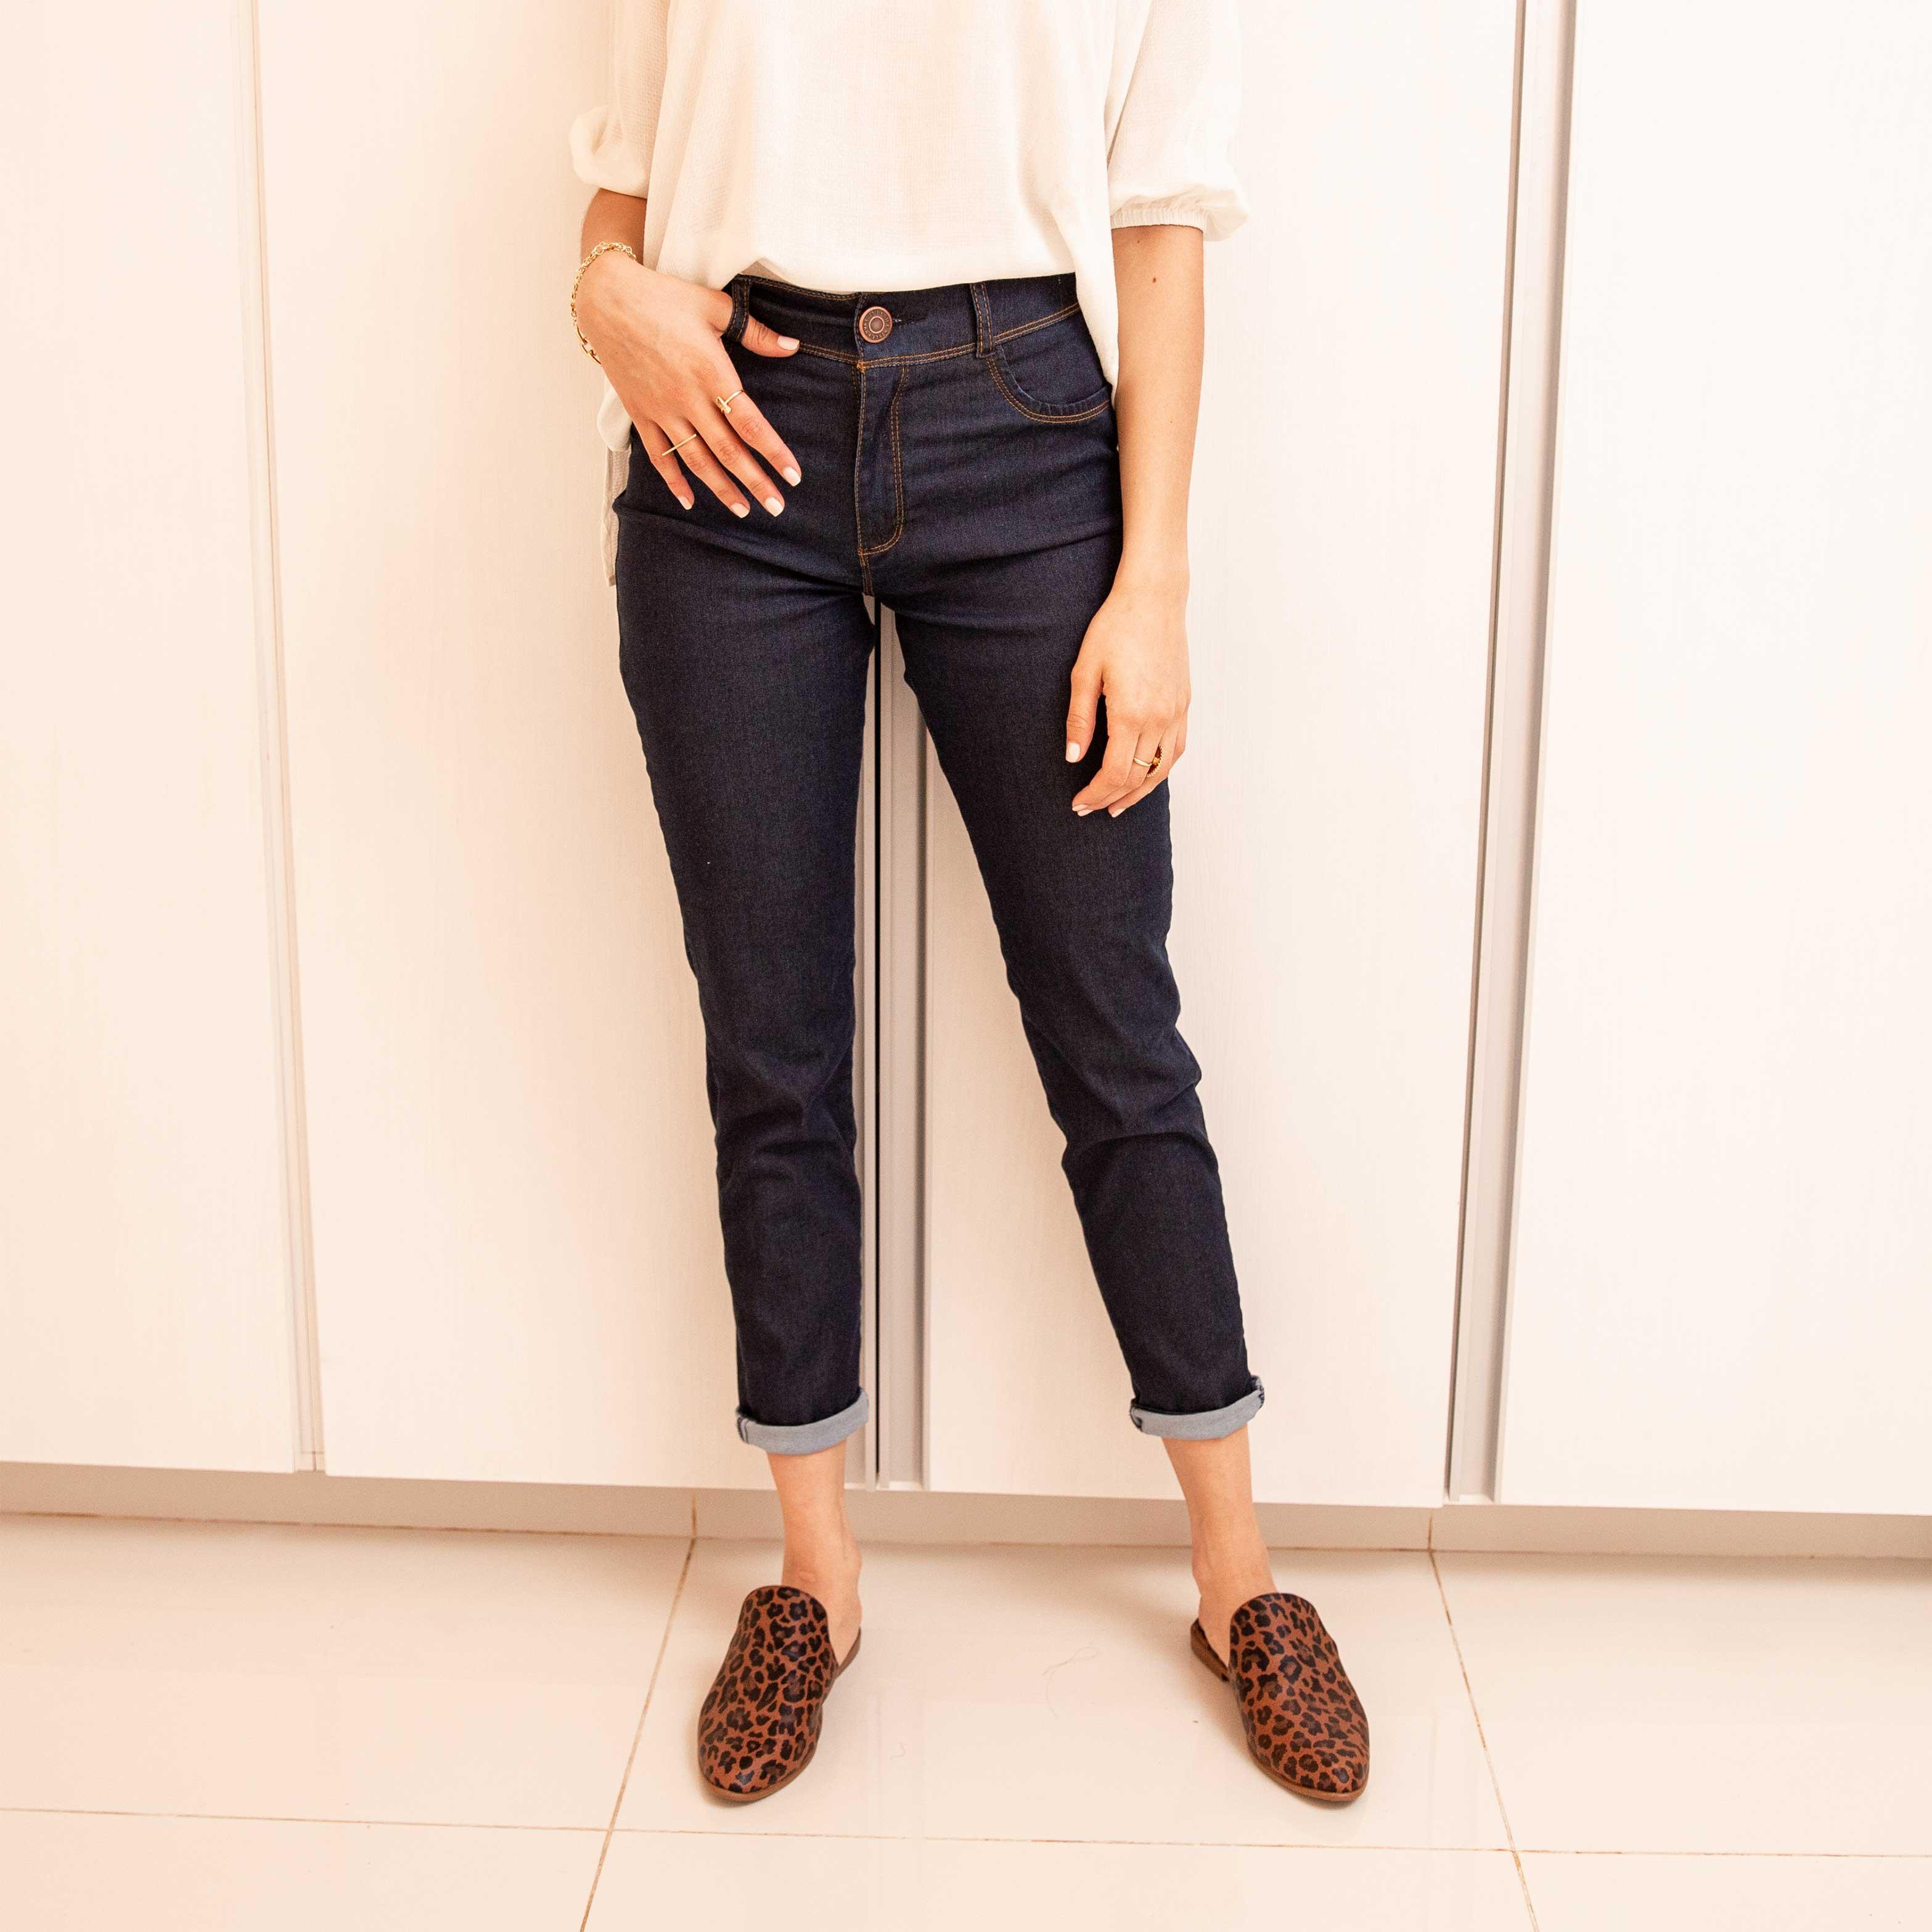 Corton Jeans Cod. 1210098